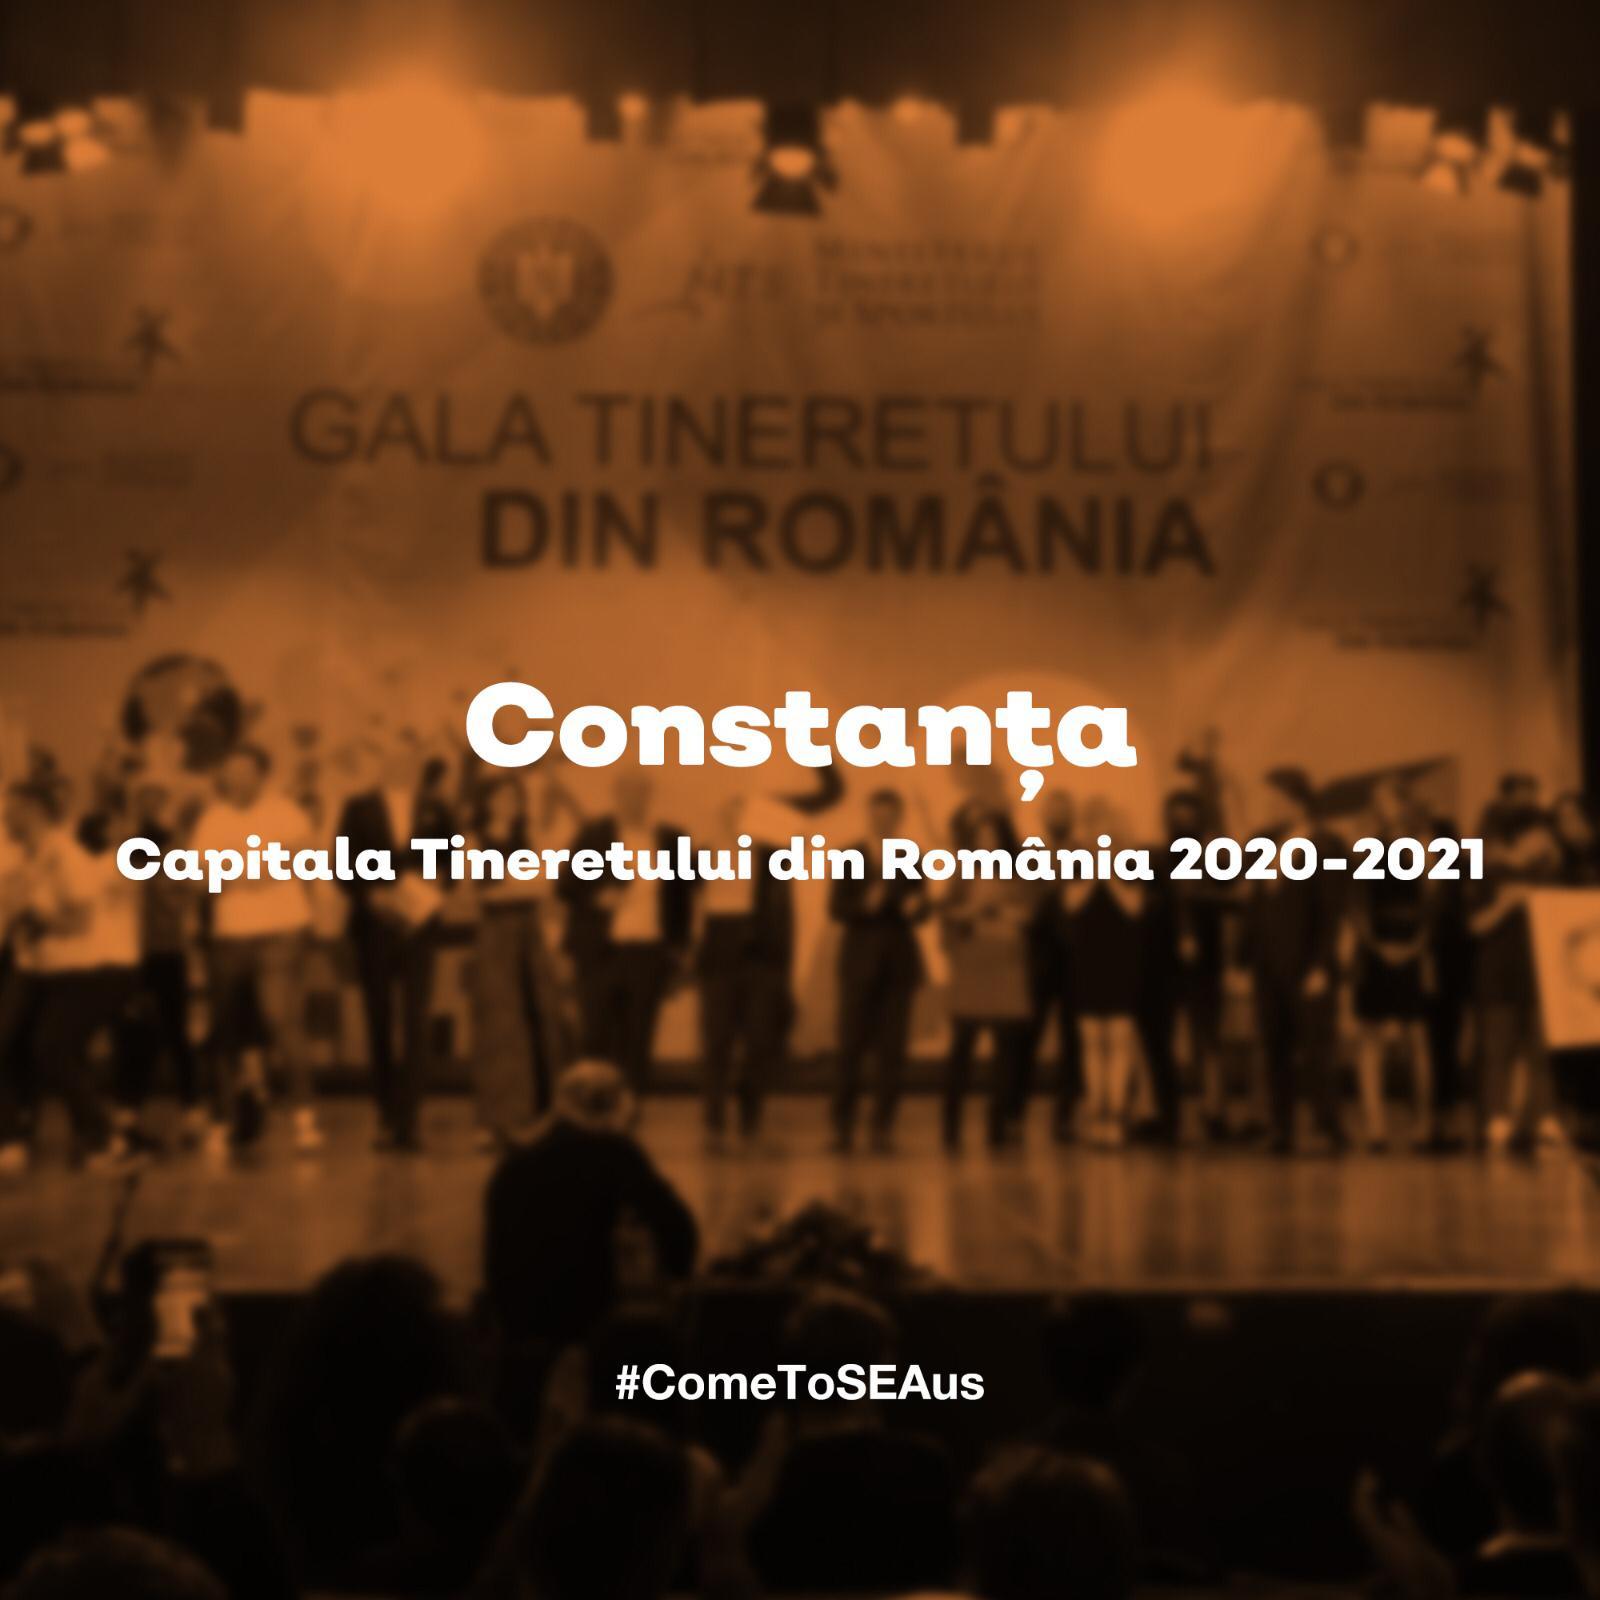 EDIȚIA CONSTANȚA CAPITALA TINERETULUI DIN ROMÂNIA DEMAREAZĂ ÎNCEPÂND DIN 2 MAI 2021